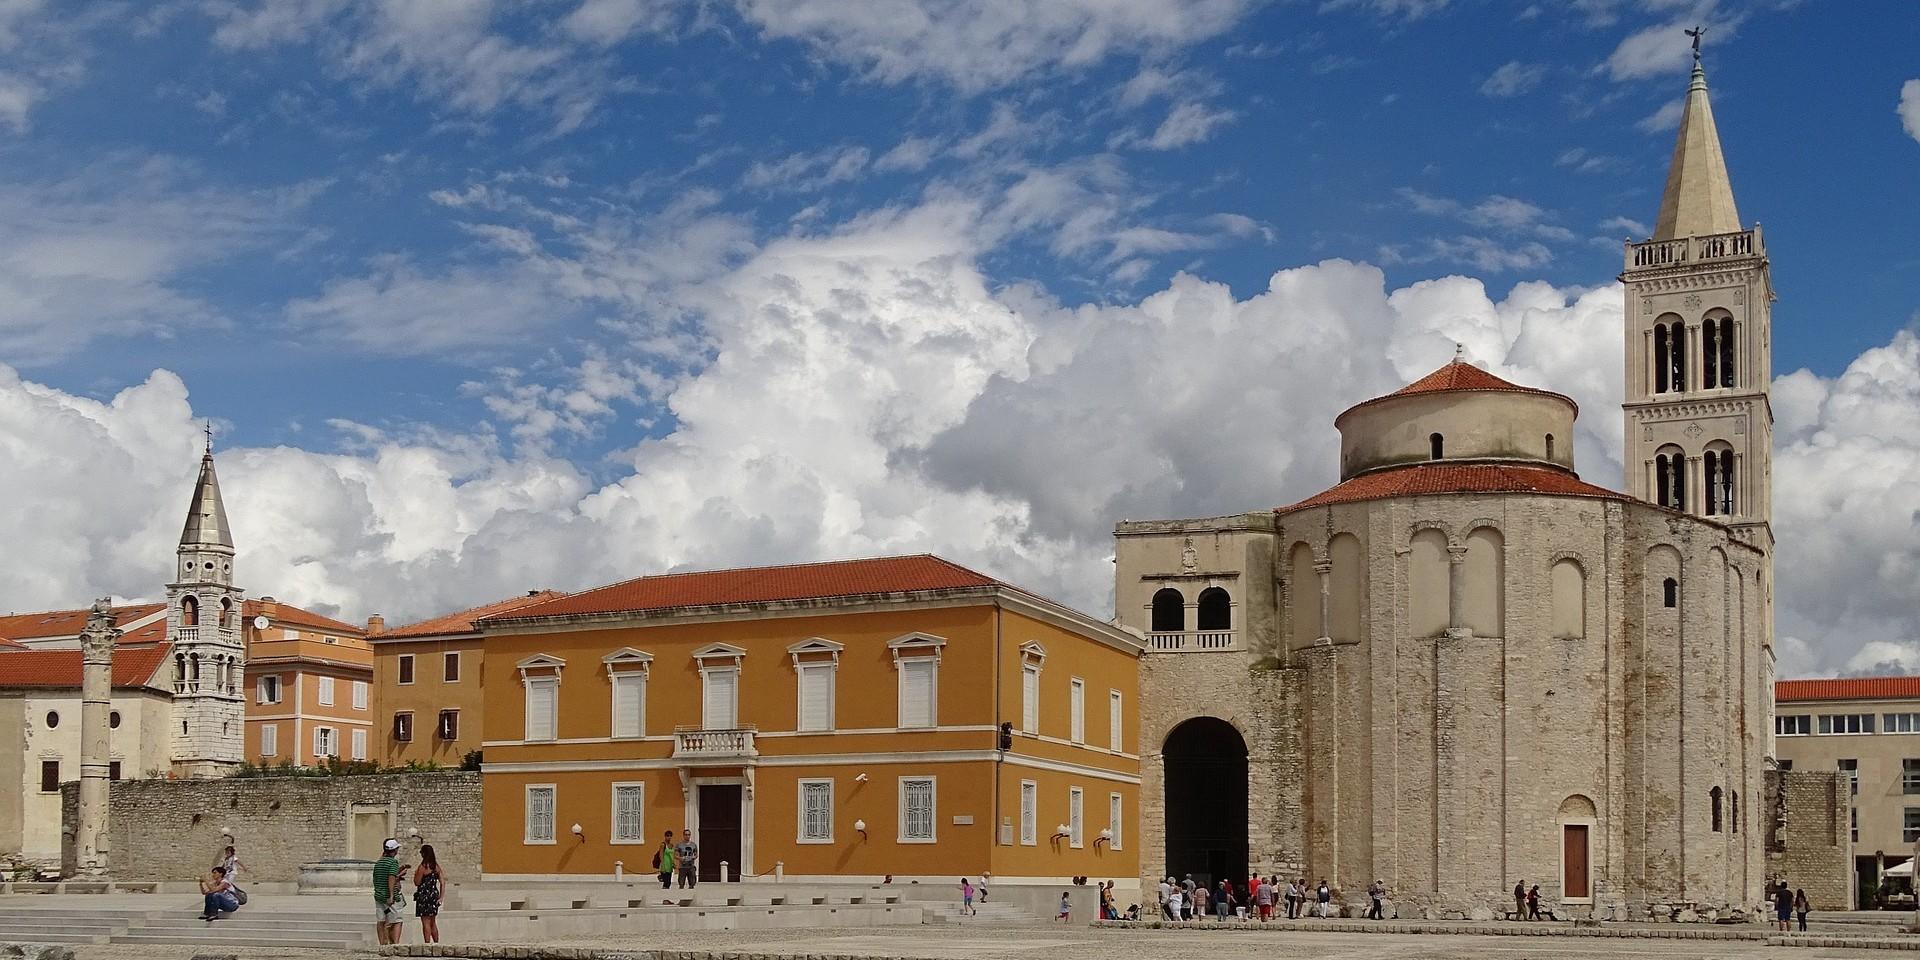 ŠTO ĆE REĆI PAPA Zadarska nadbiskupija jedina je direktno pod Vatikanom, ali stiže jasan apel da se to promijeni